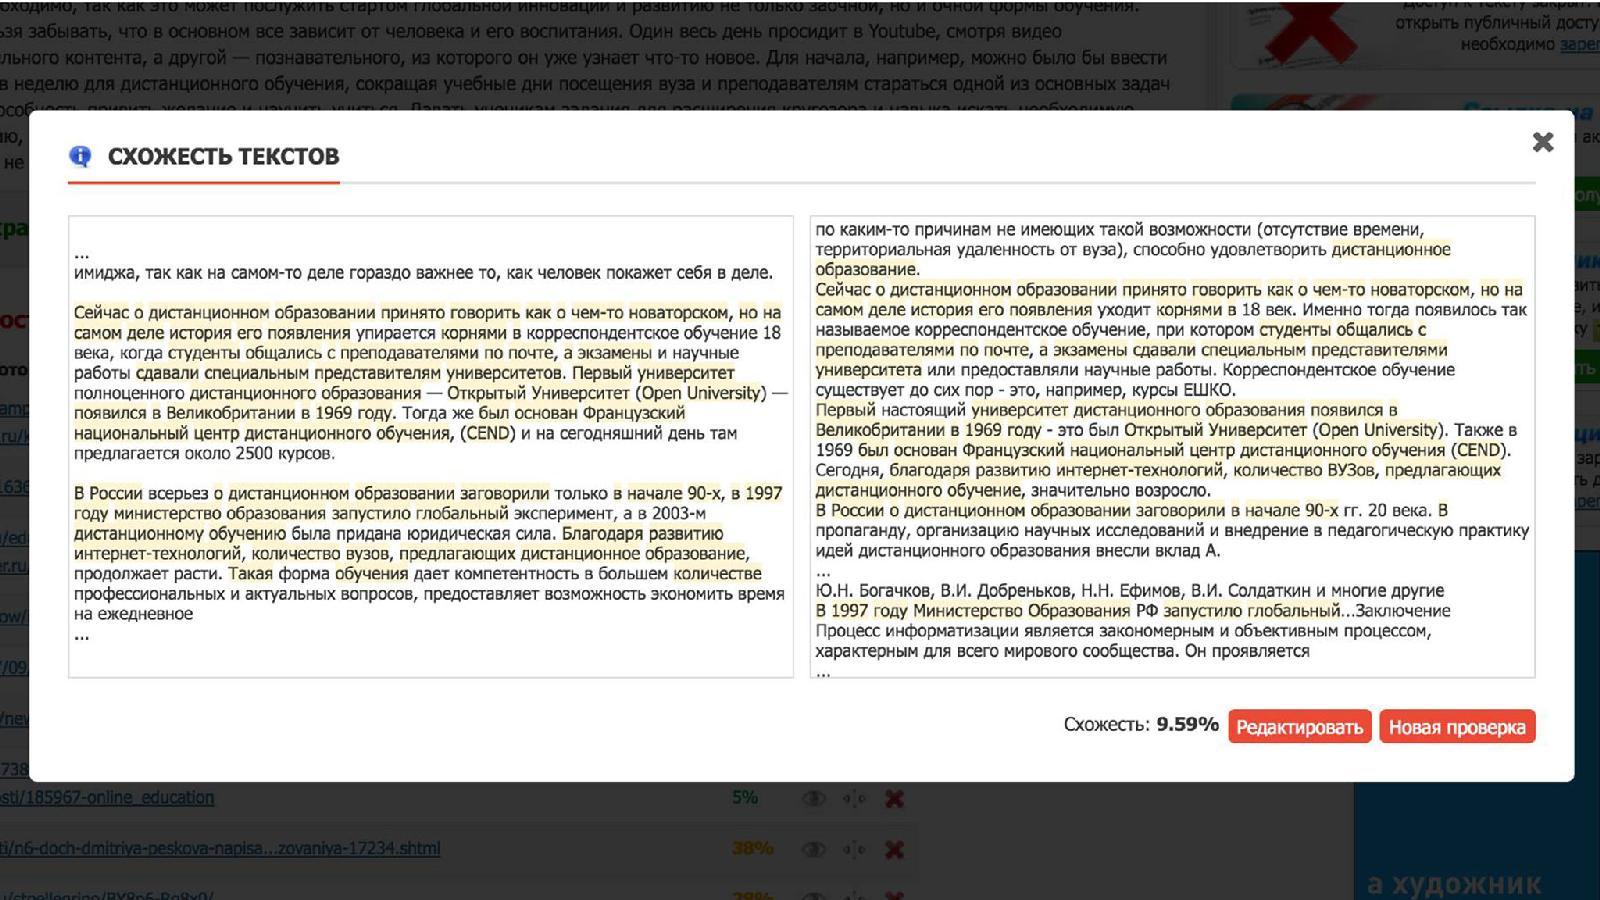 Проверка на плагиат колонки Елизаветы Песковой, опубликованной на forbes.ru